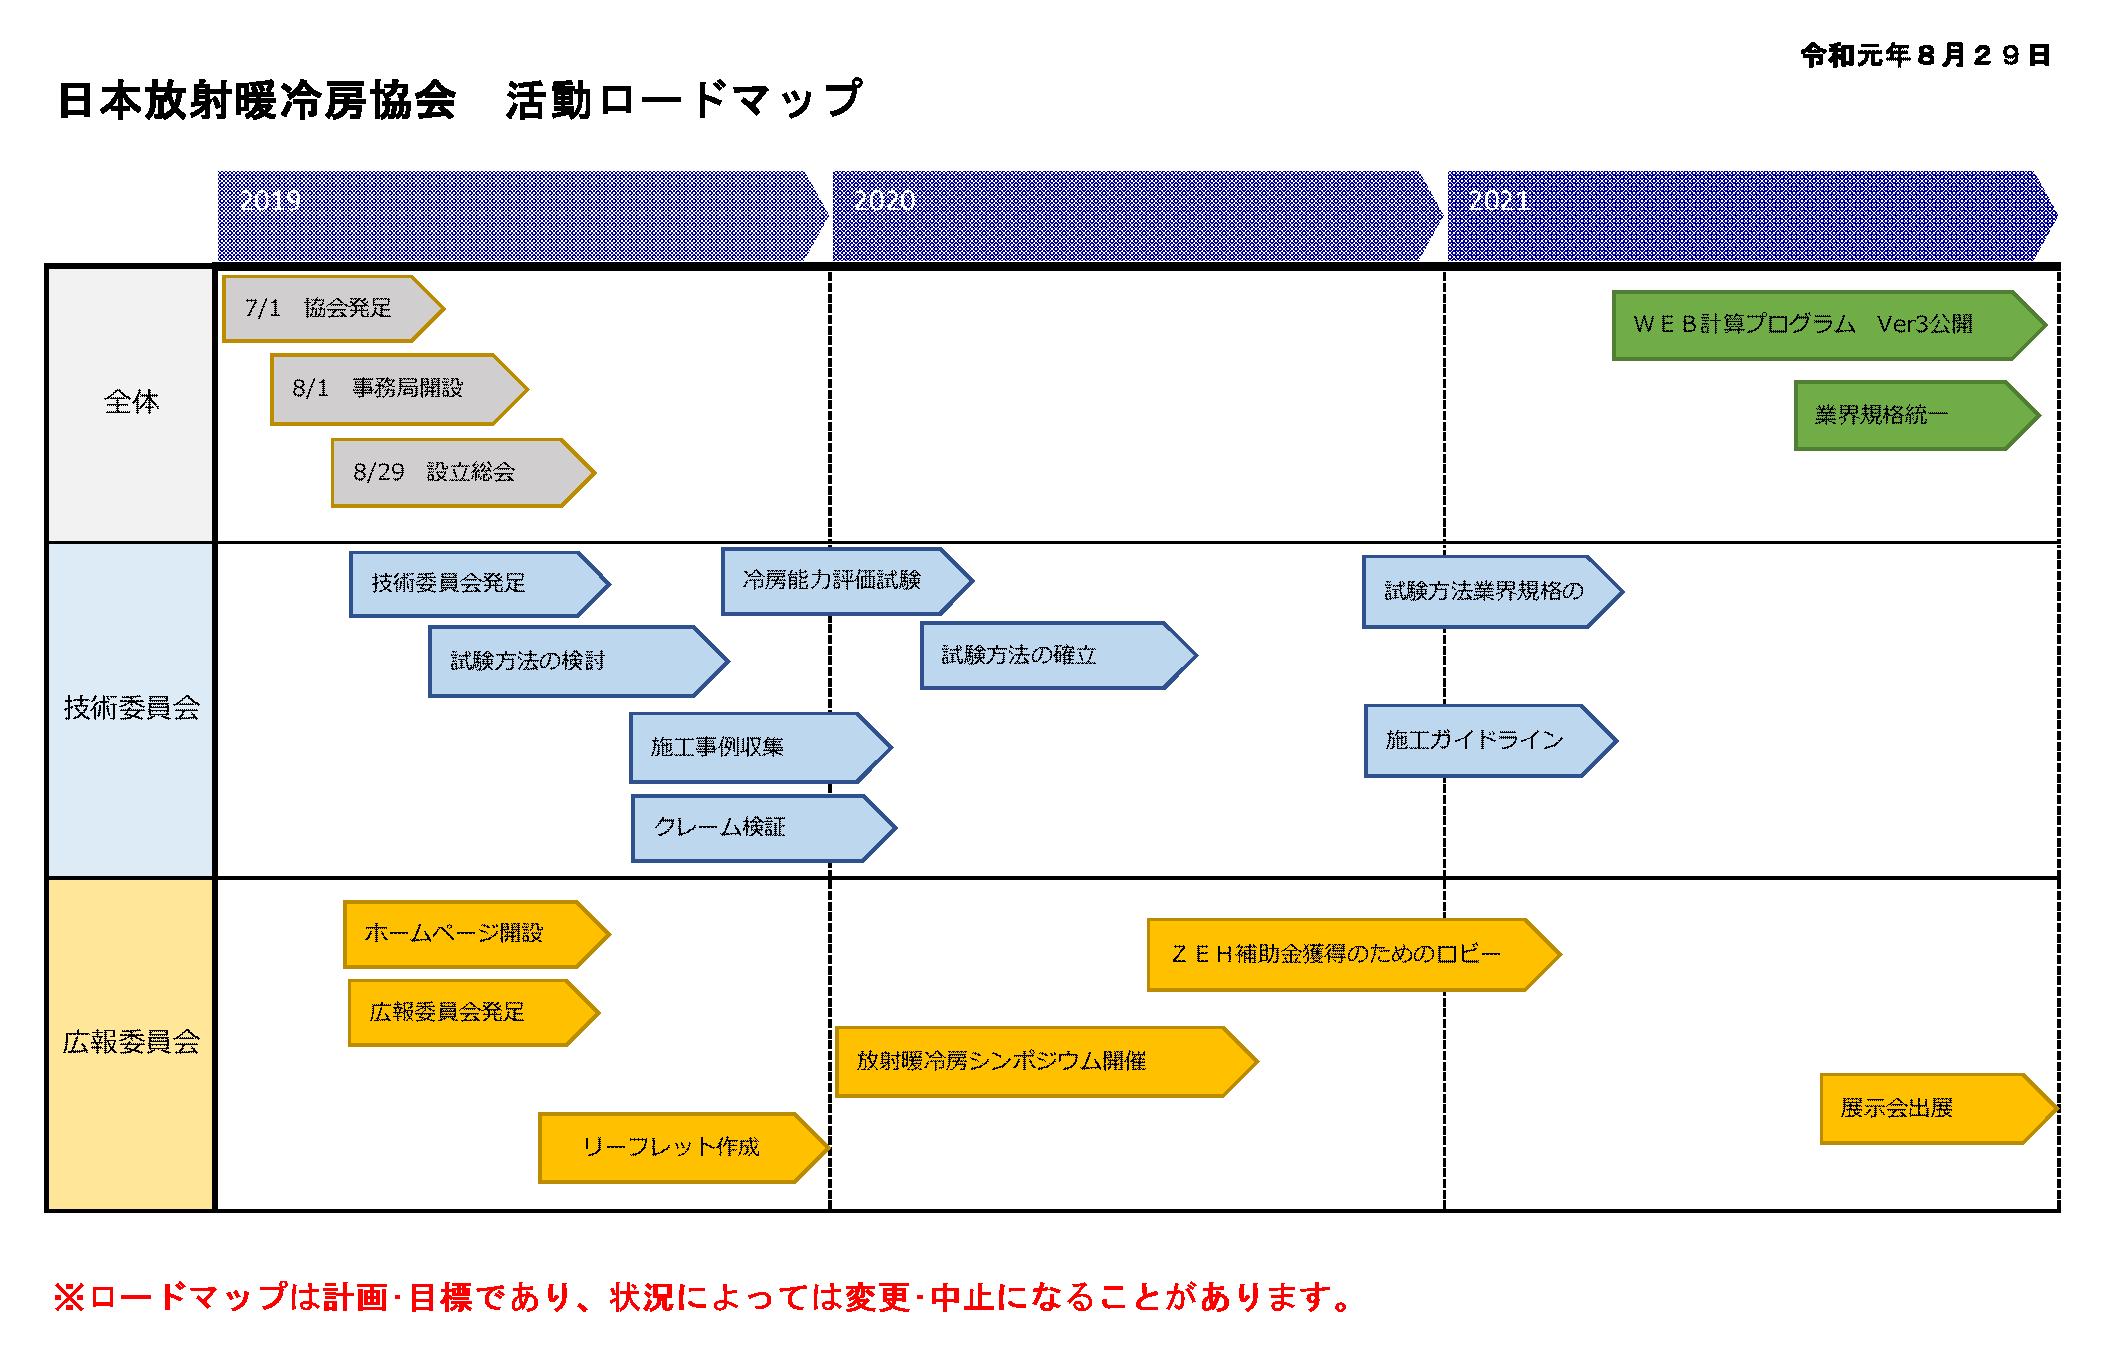 活動ロードマップ